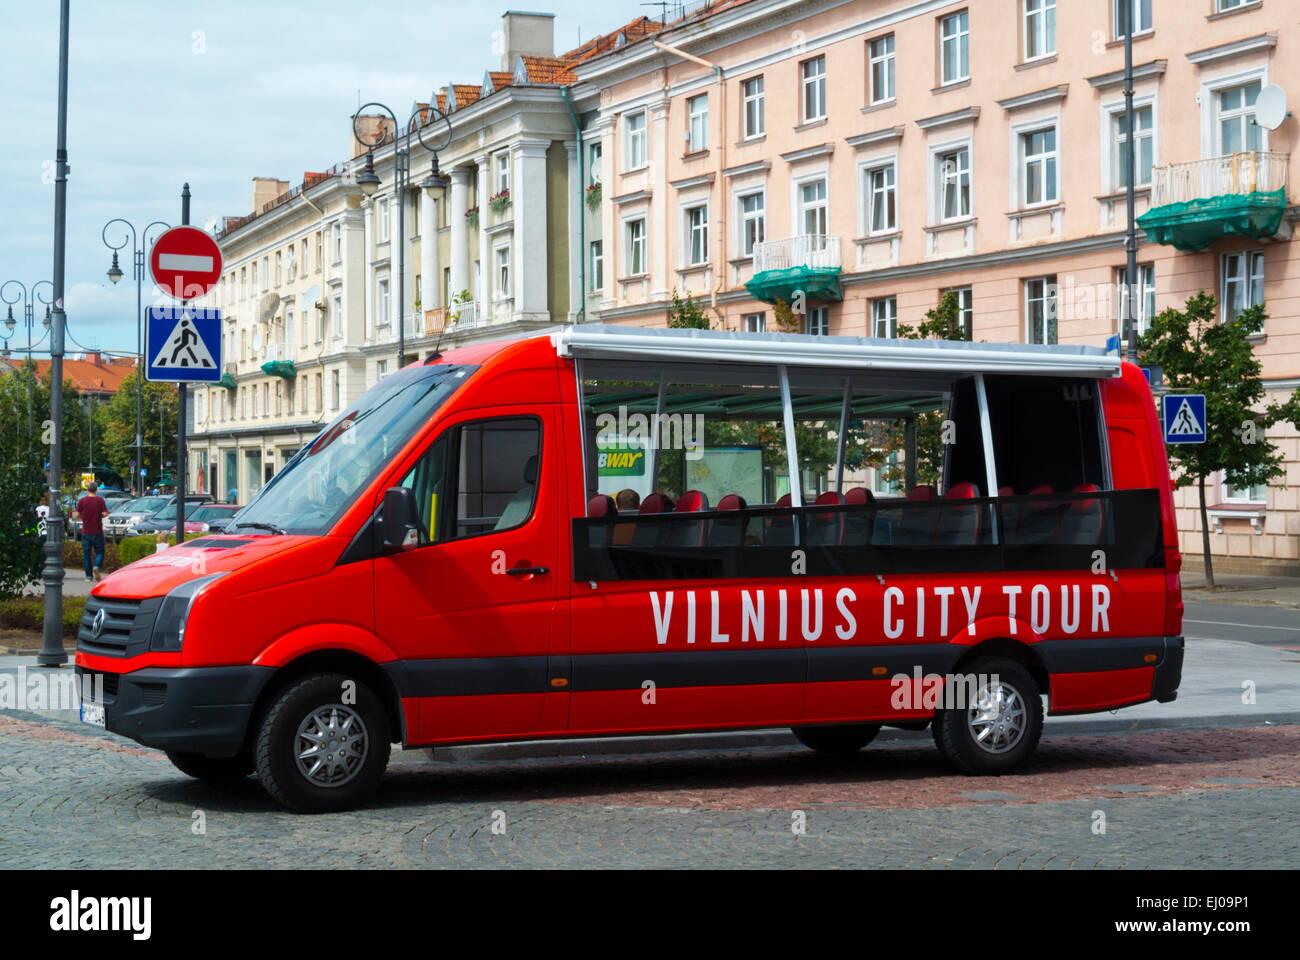 City tour minibus, old town, Vilnius, Lithuania, Europe - Stock Image